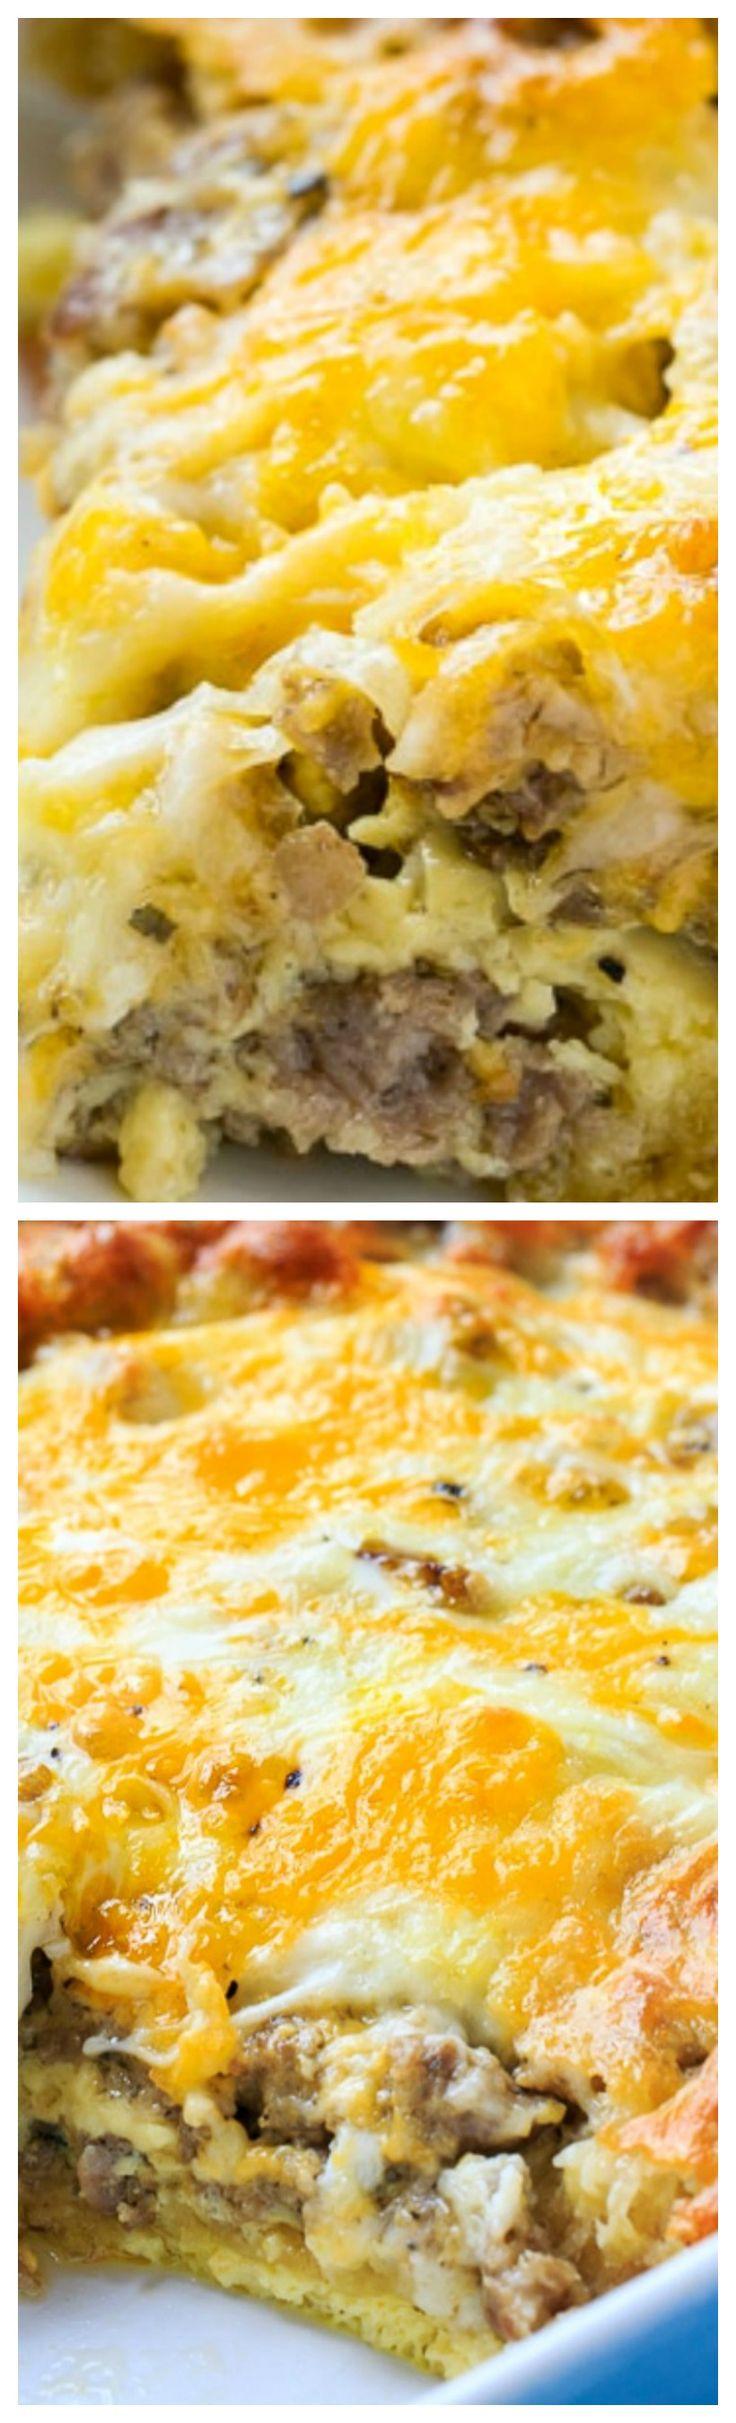 Pillsbury Crescent Roll Breakfast Casserole Recipes  Best 25 Crescent Roll Breakfast ideas only on Pinterest